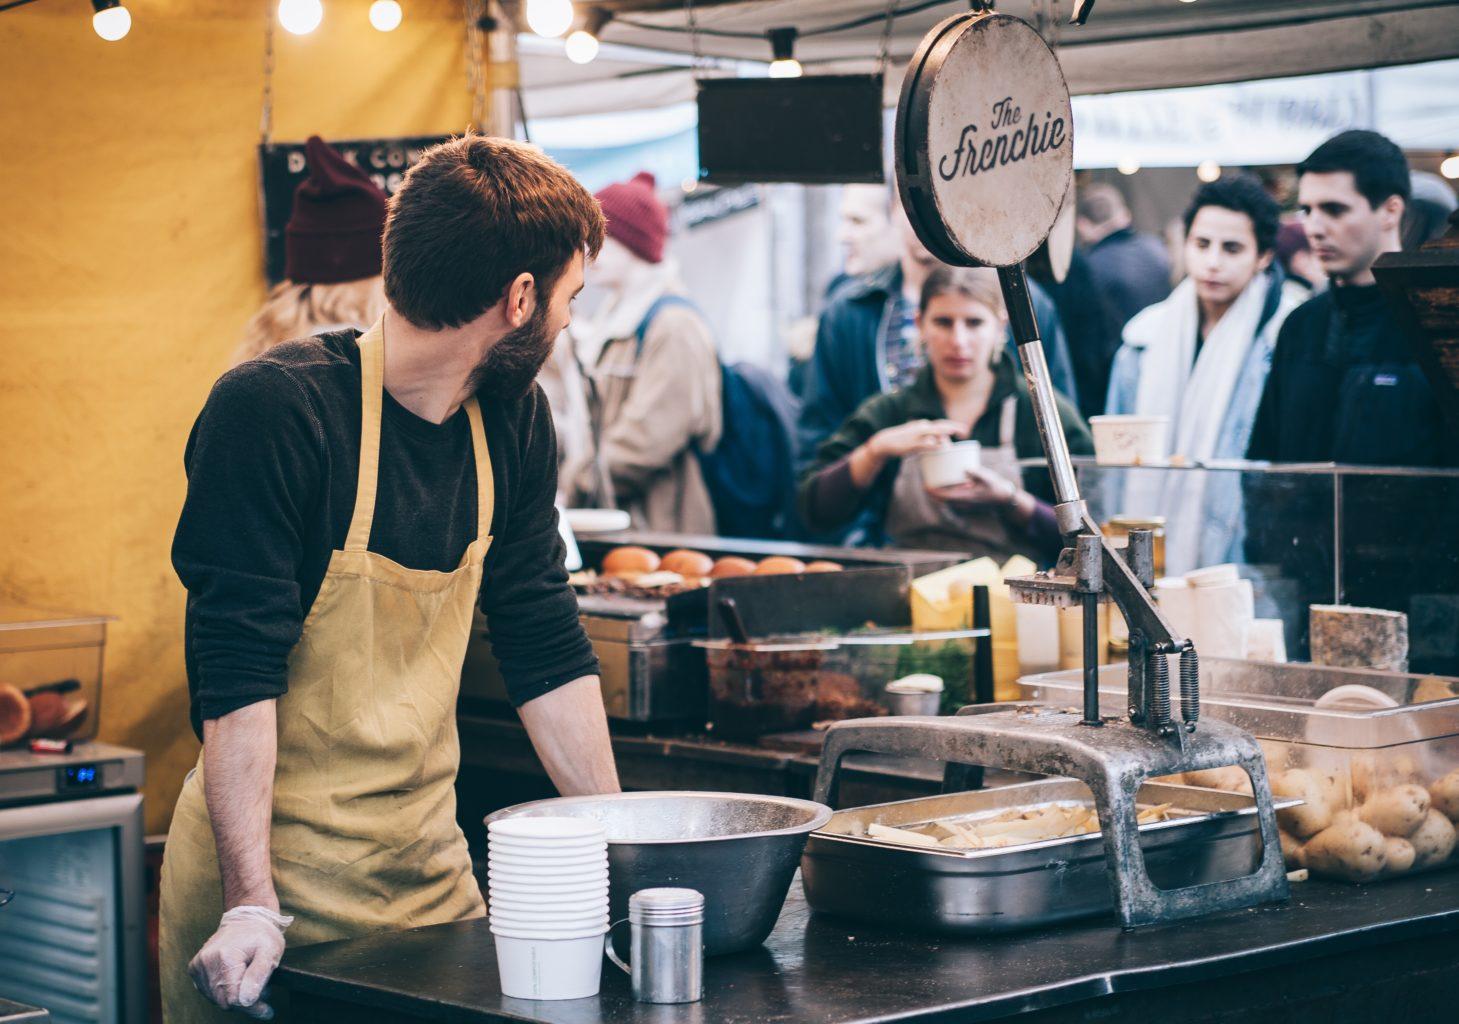 barman in spatele tejghelei privind catre restaurantul plin de oameni, imagine reprezentativa pentru burnout-ul angajatilor din restaurante